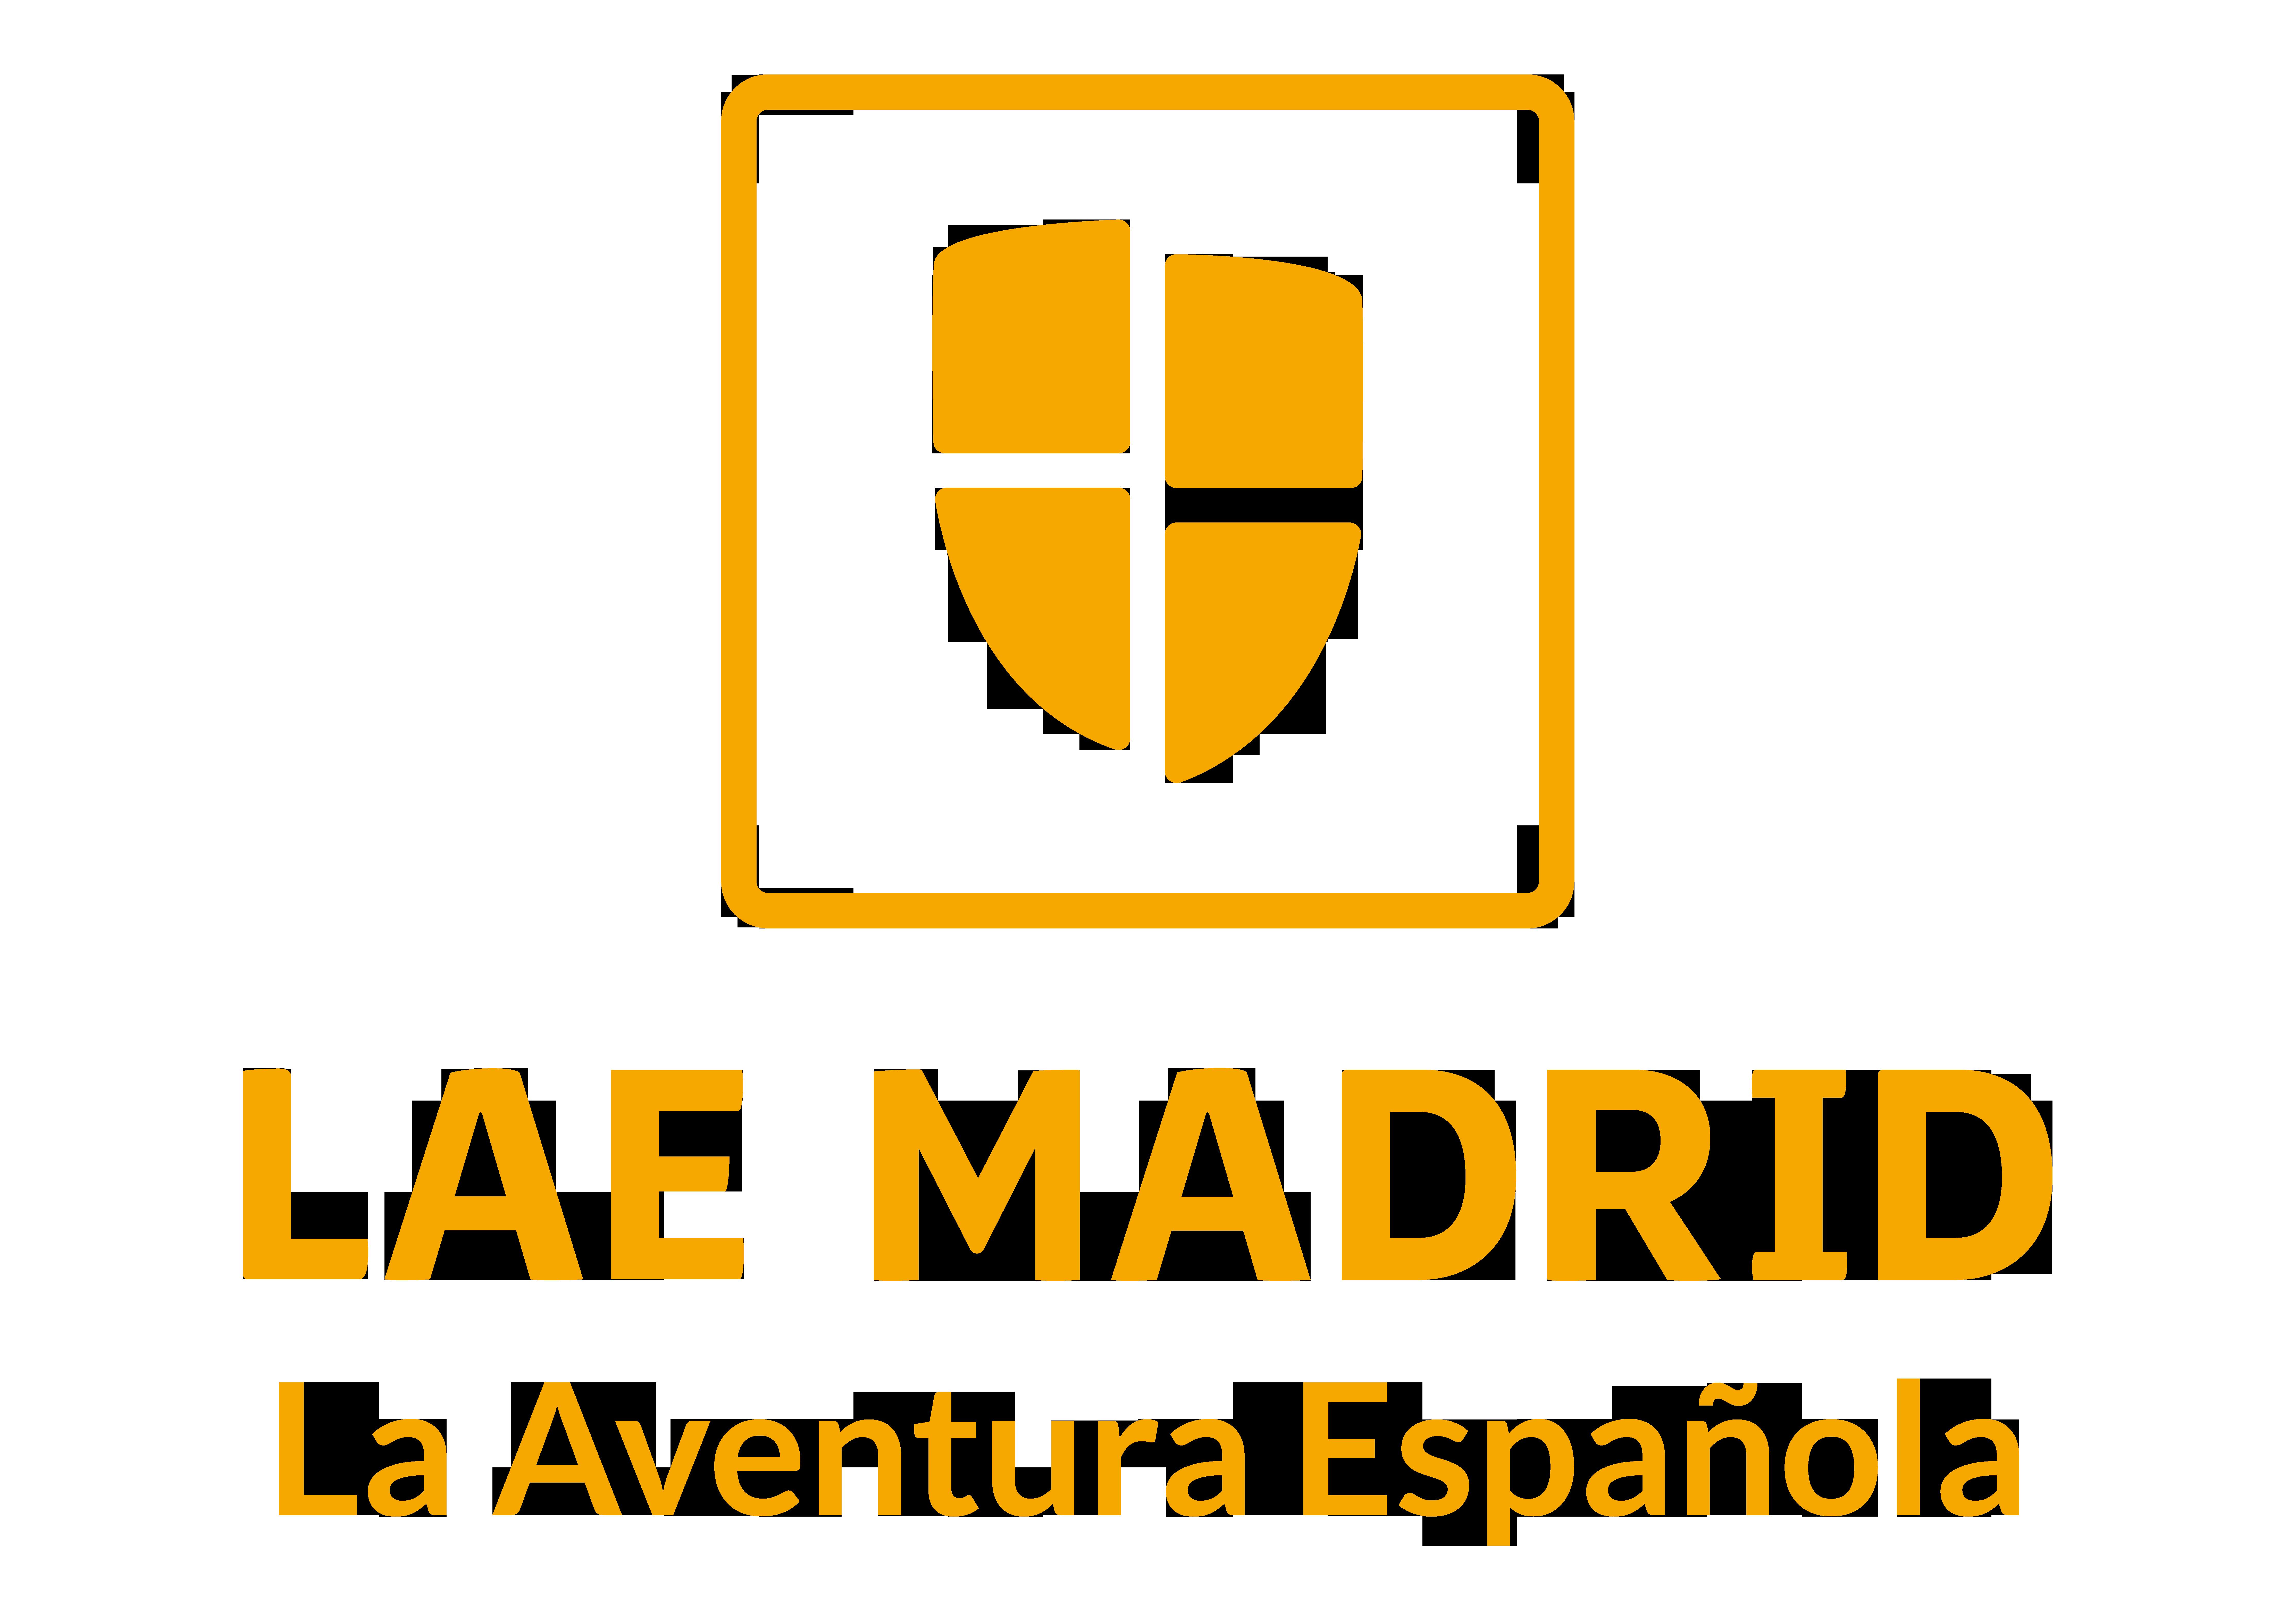 LAE Madrid school